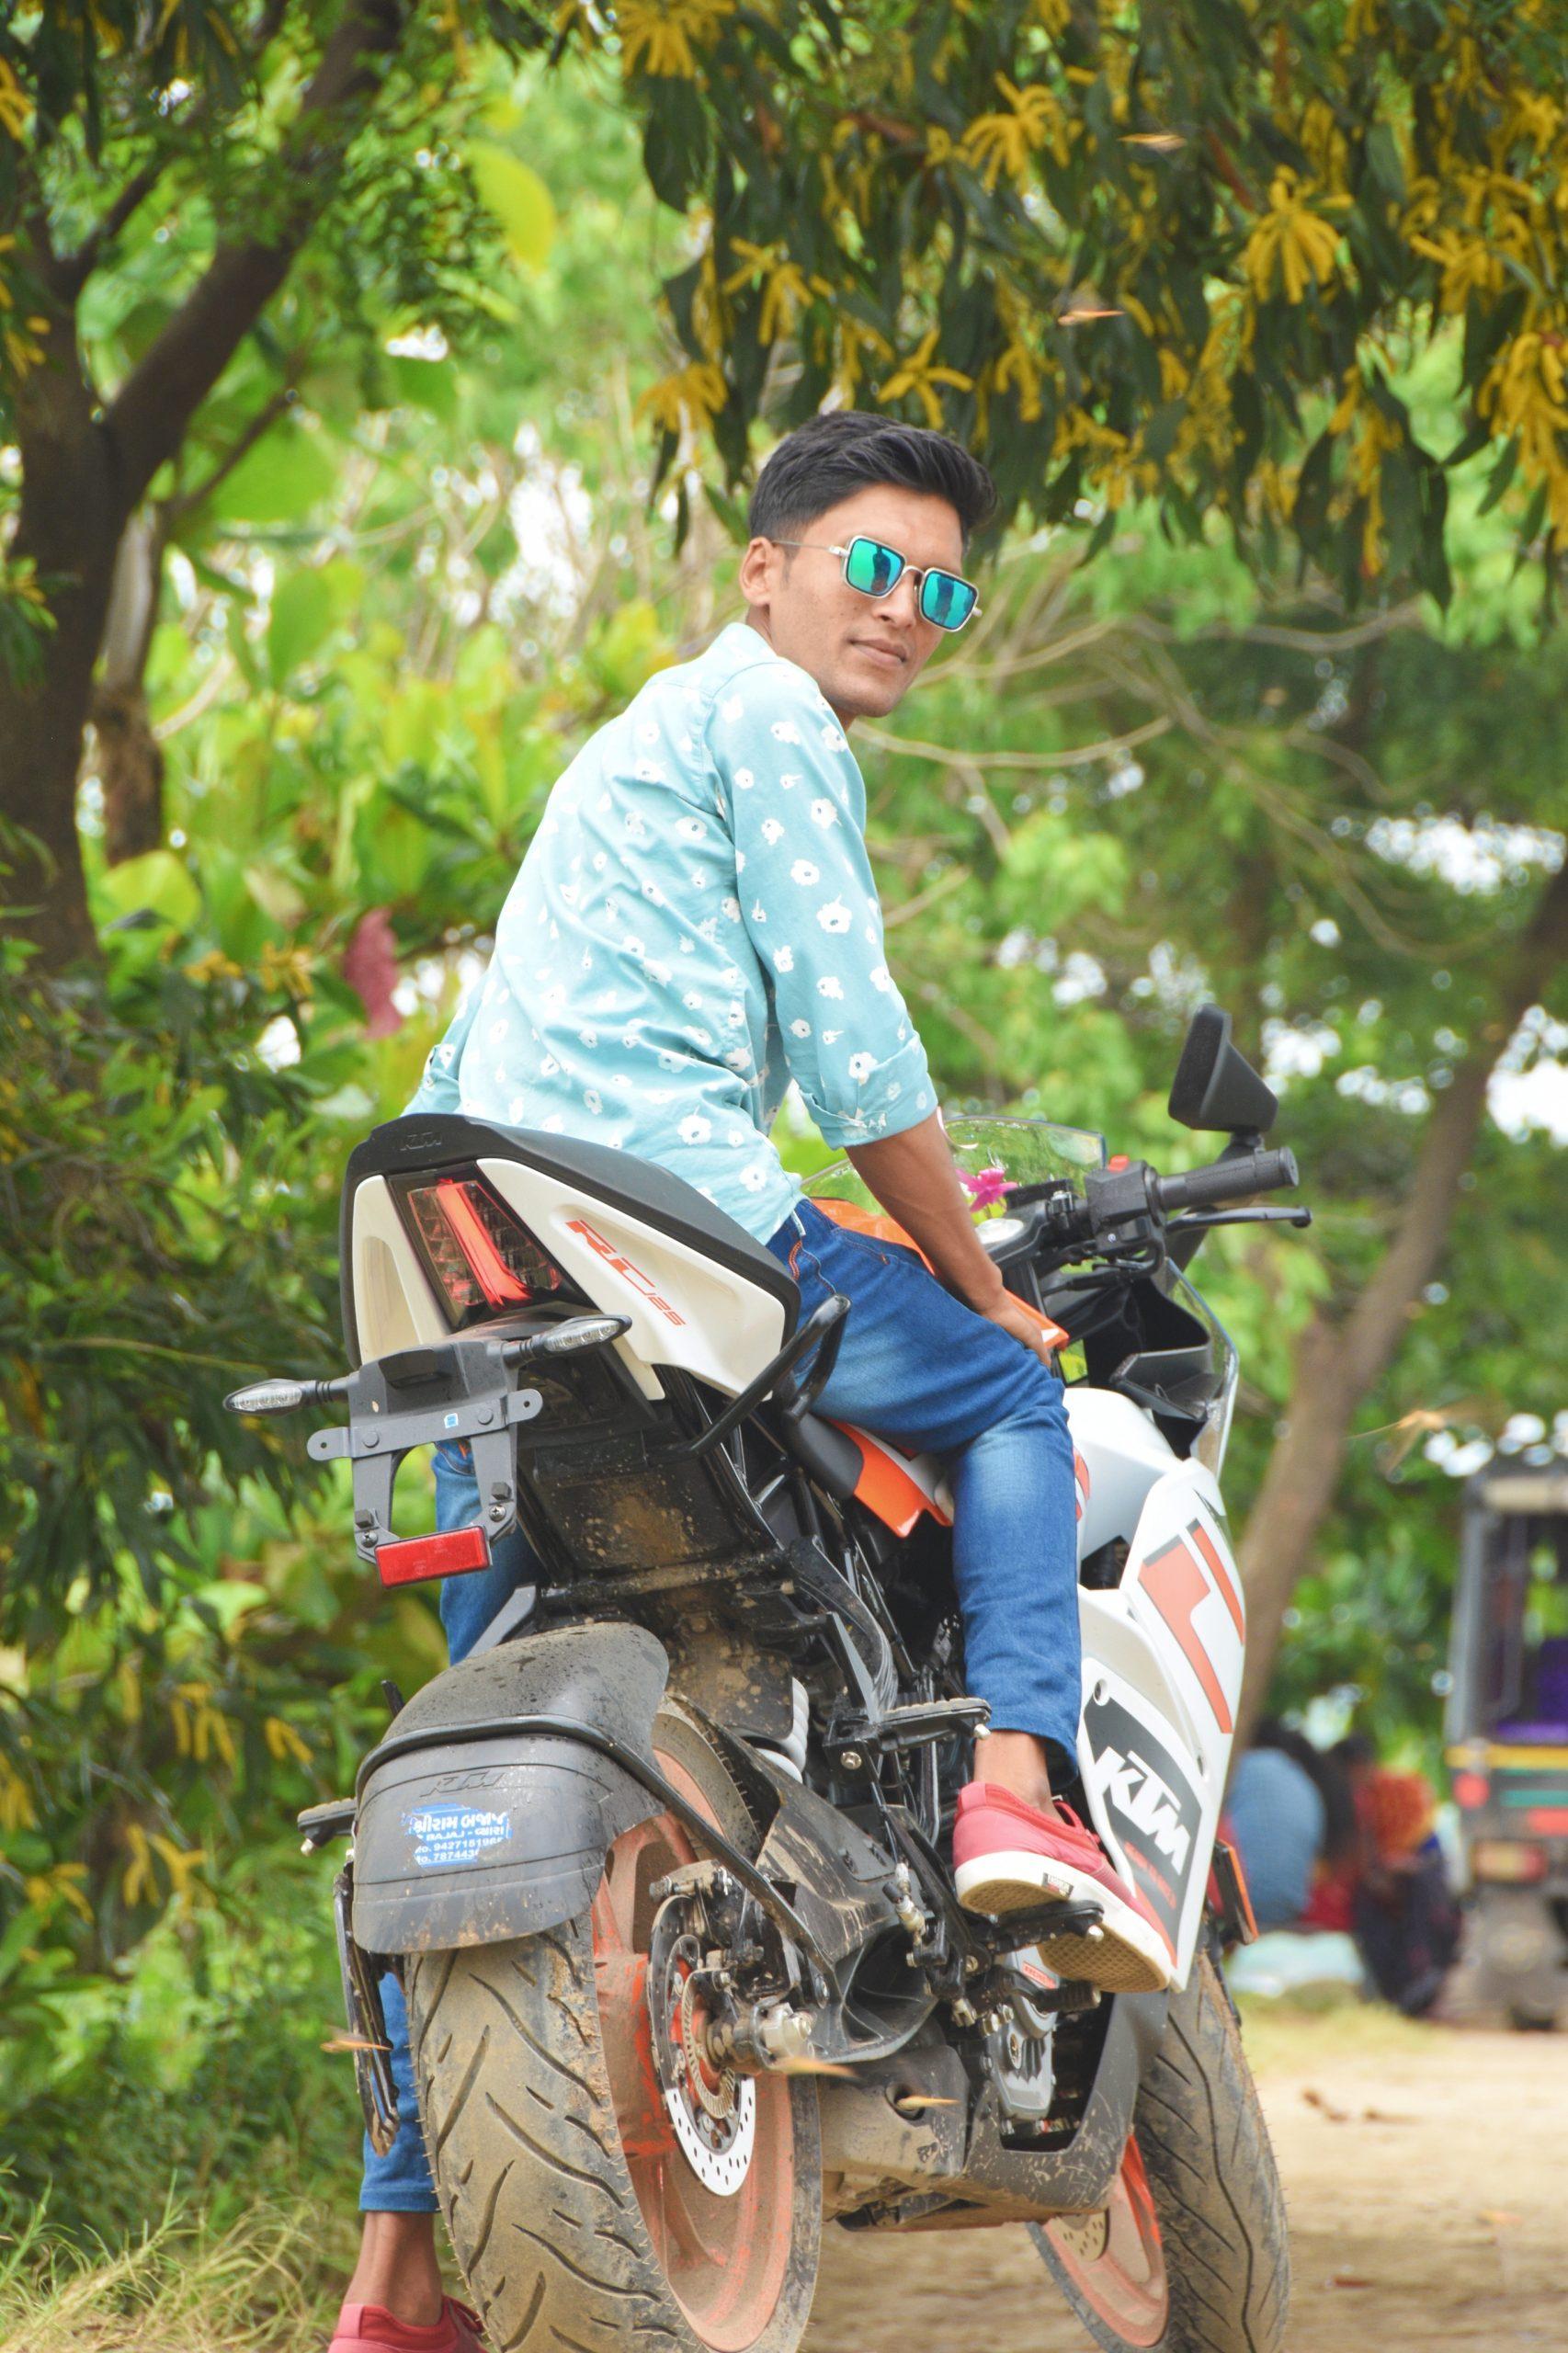 boy posing on a bike